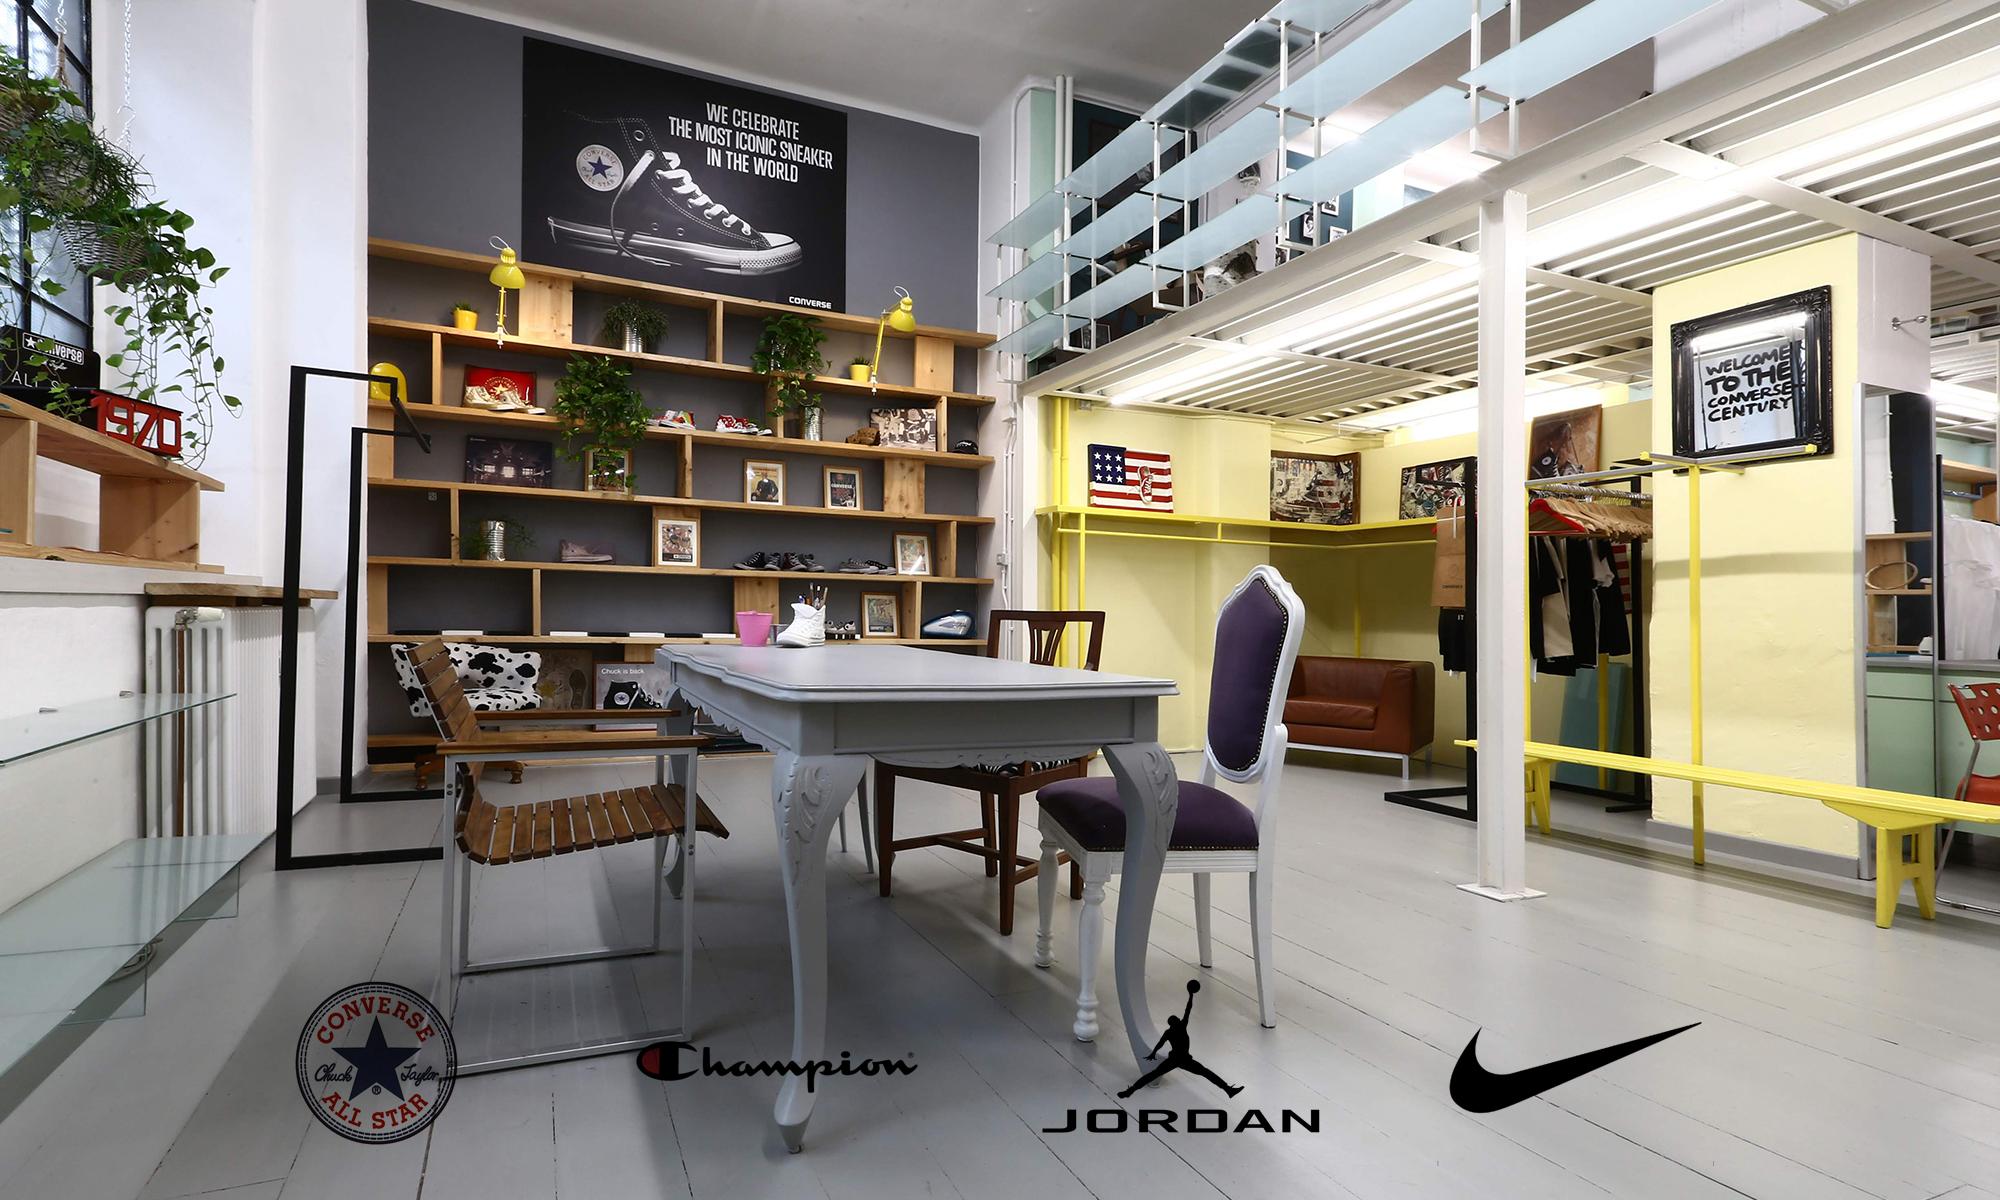 converse; converse alla stars; jordan; jordan apparel; nike; nike apparel; champion; champion apparel; iannello rappresentanze; luigi iannello; iannello; iannello rappresentanze torino;